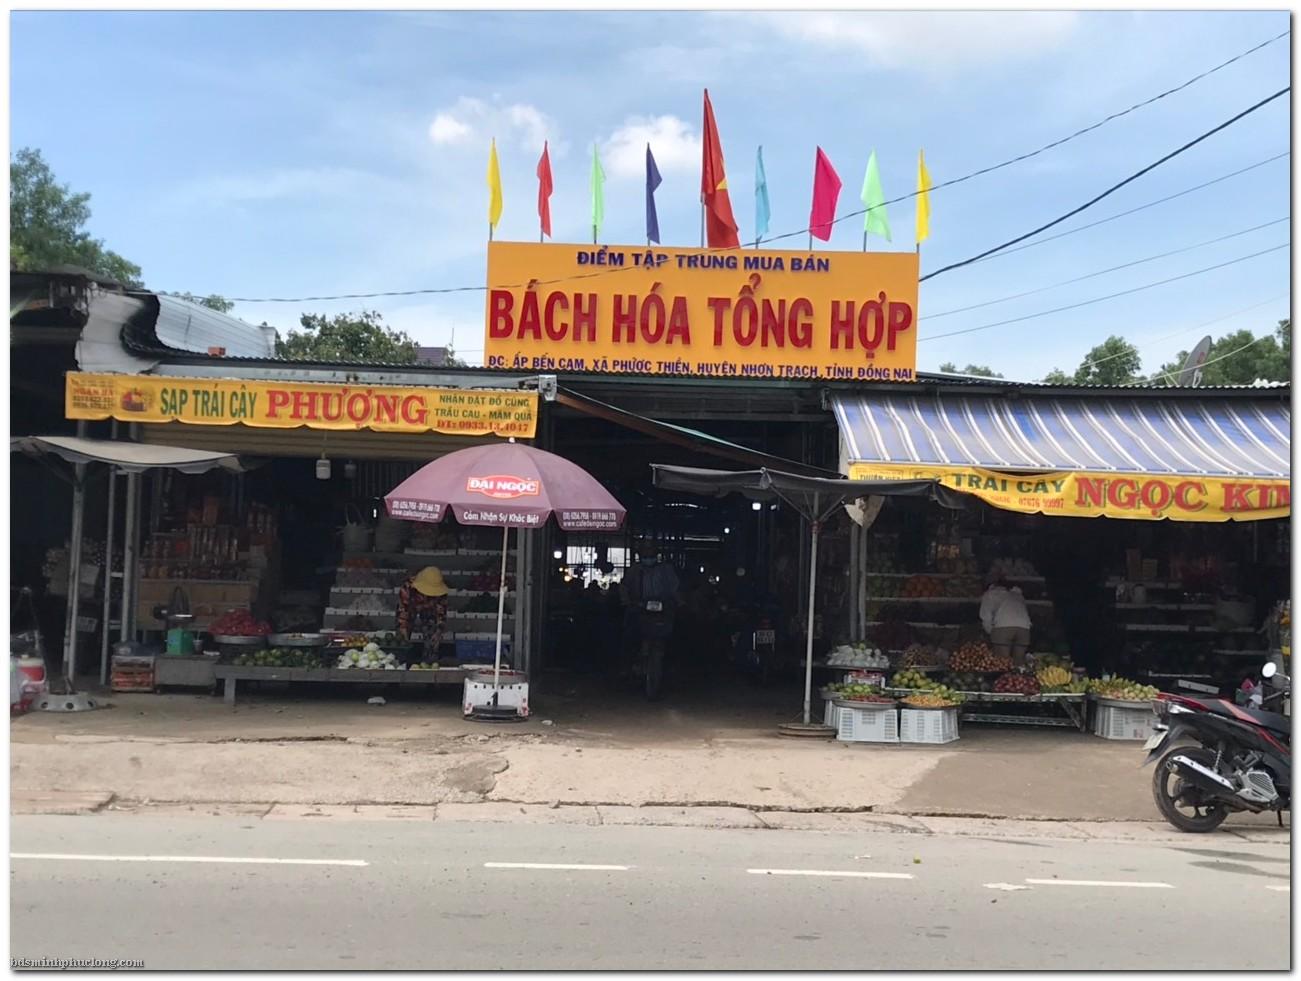 Bán gấp MT kinh doanh Phước Thiền, Toàn Bộ thổ cư 142m2, giá CHỈ 2,75 Tỷ LH 0937268167